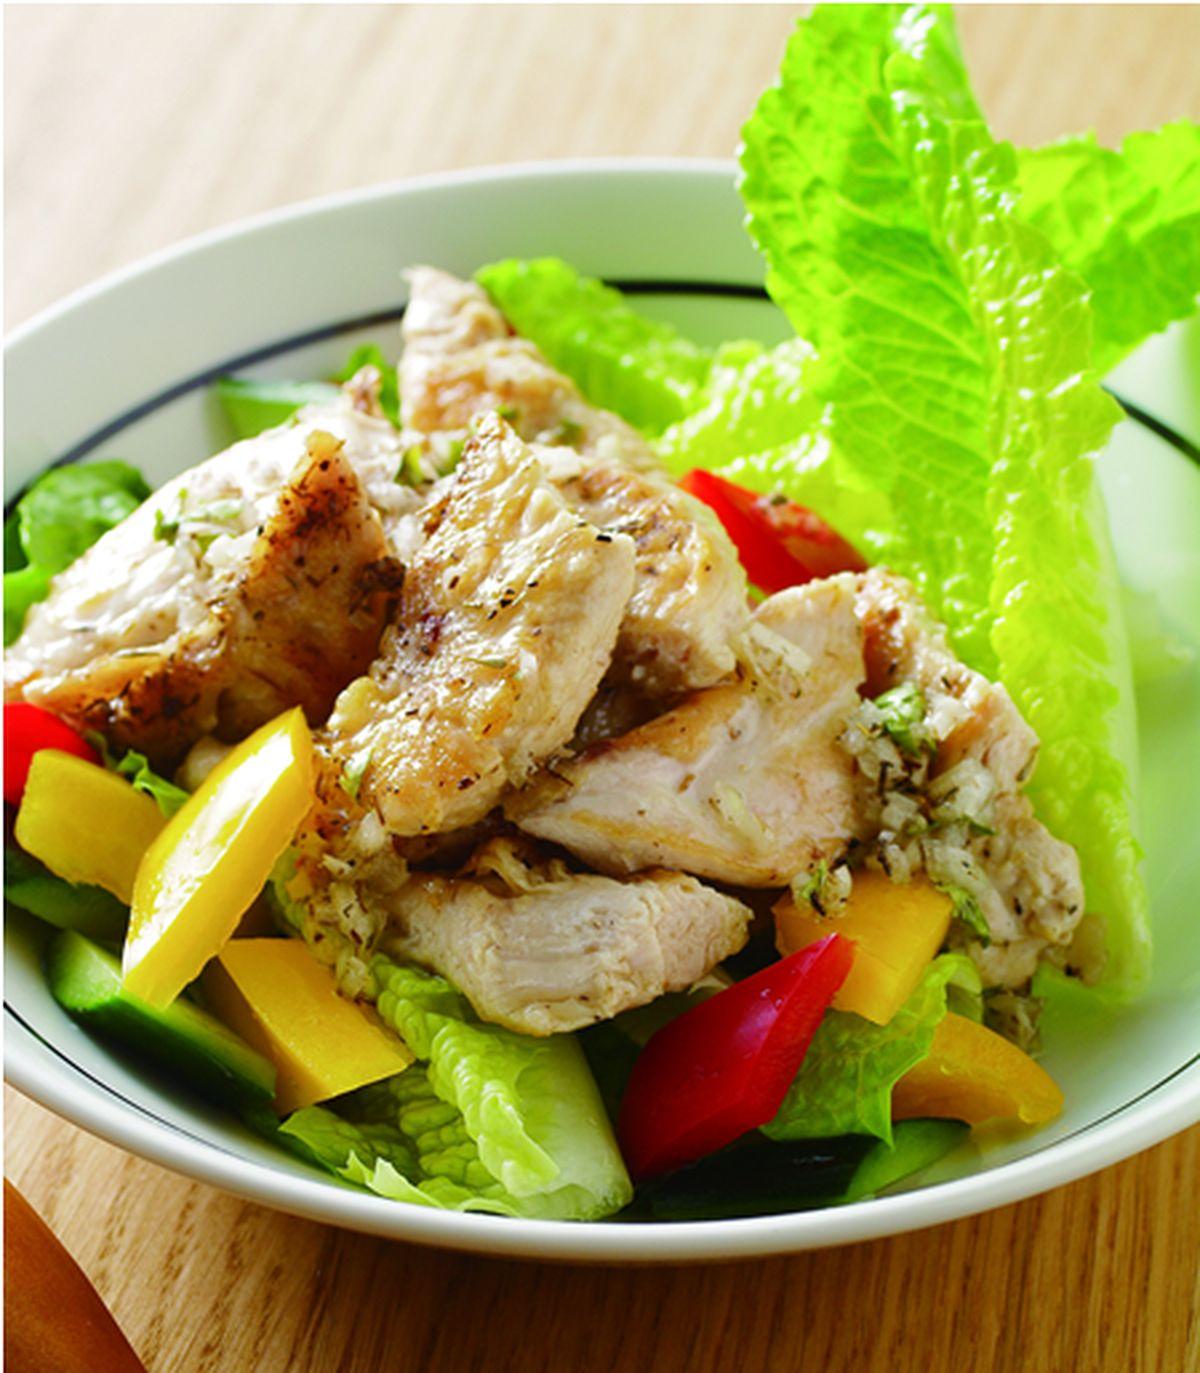 食譜:油醋雞肉沙拉